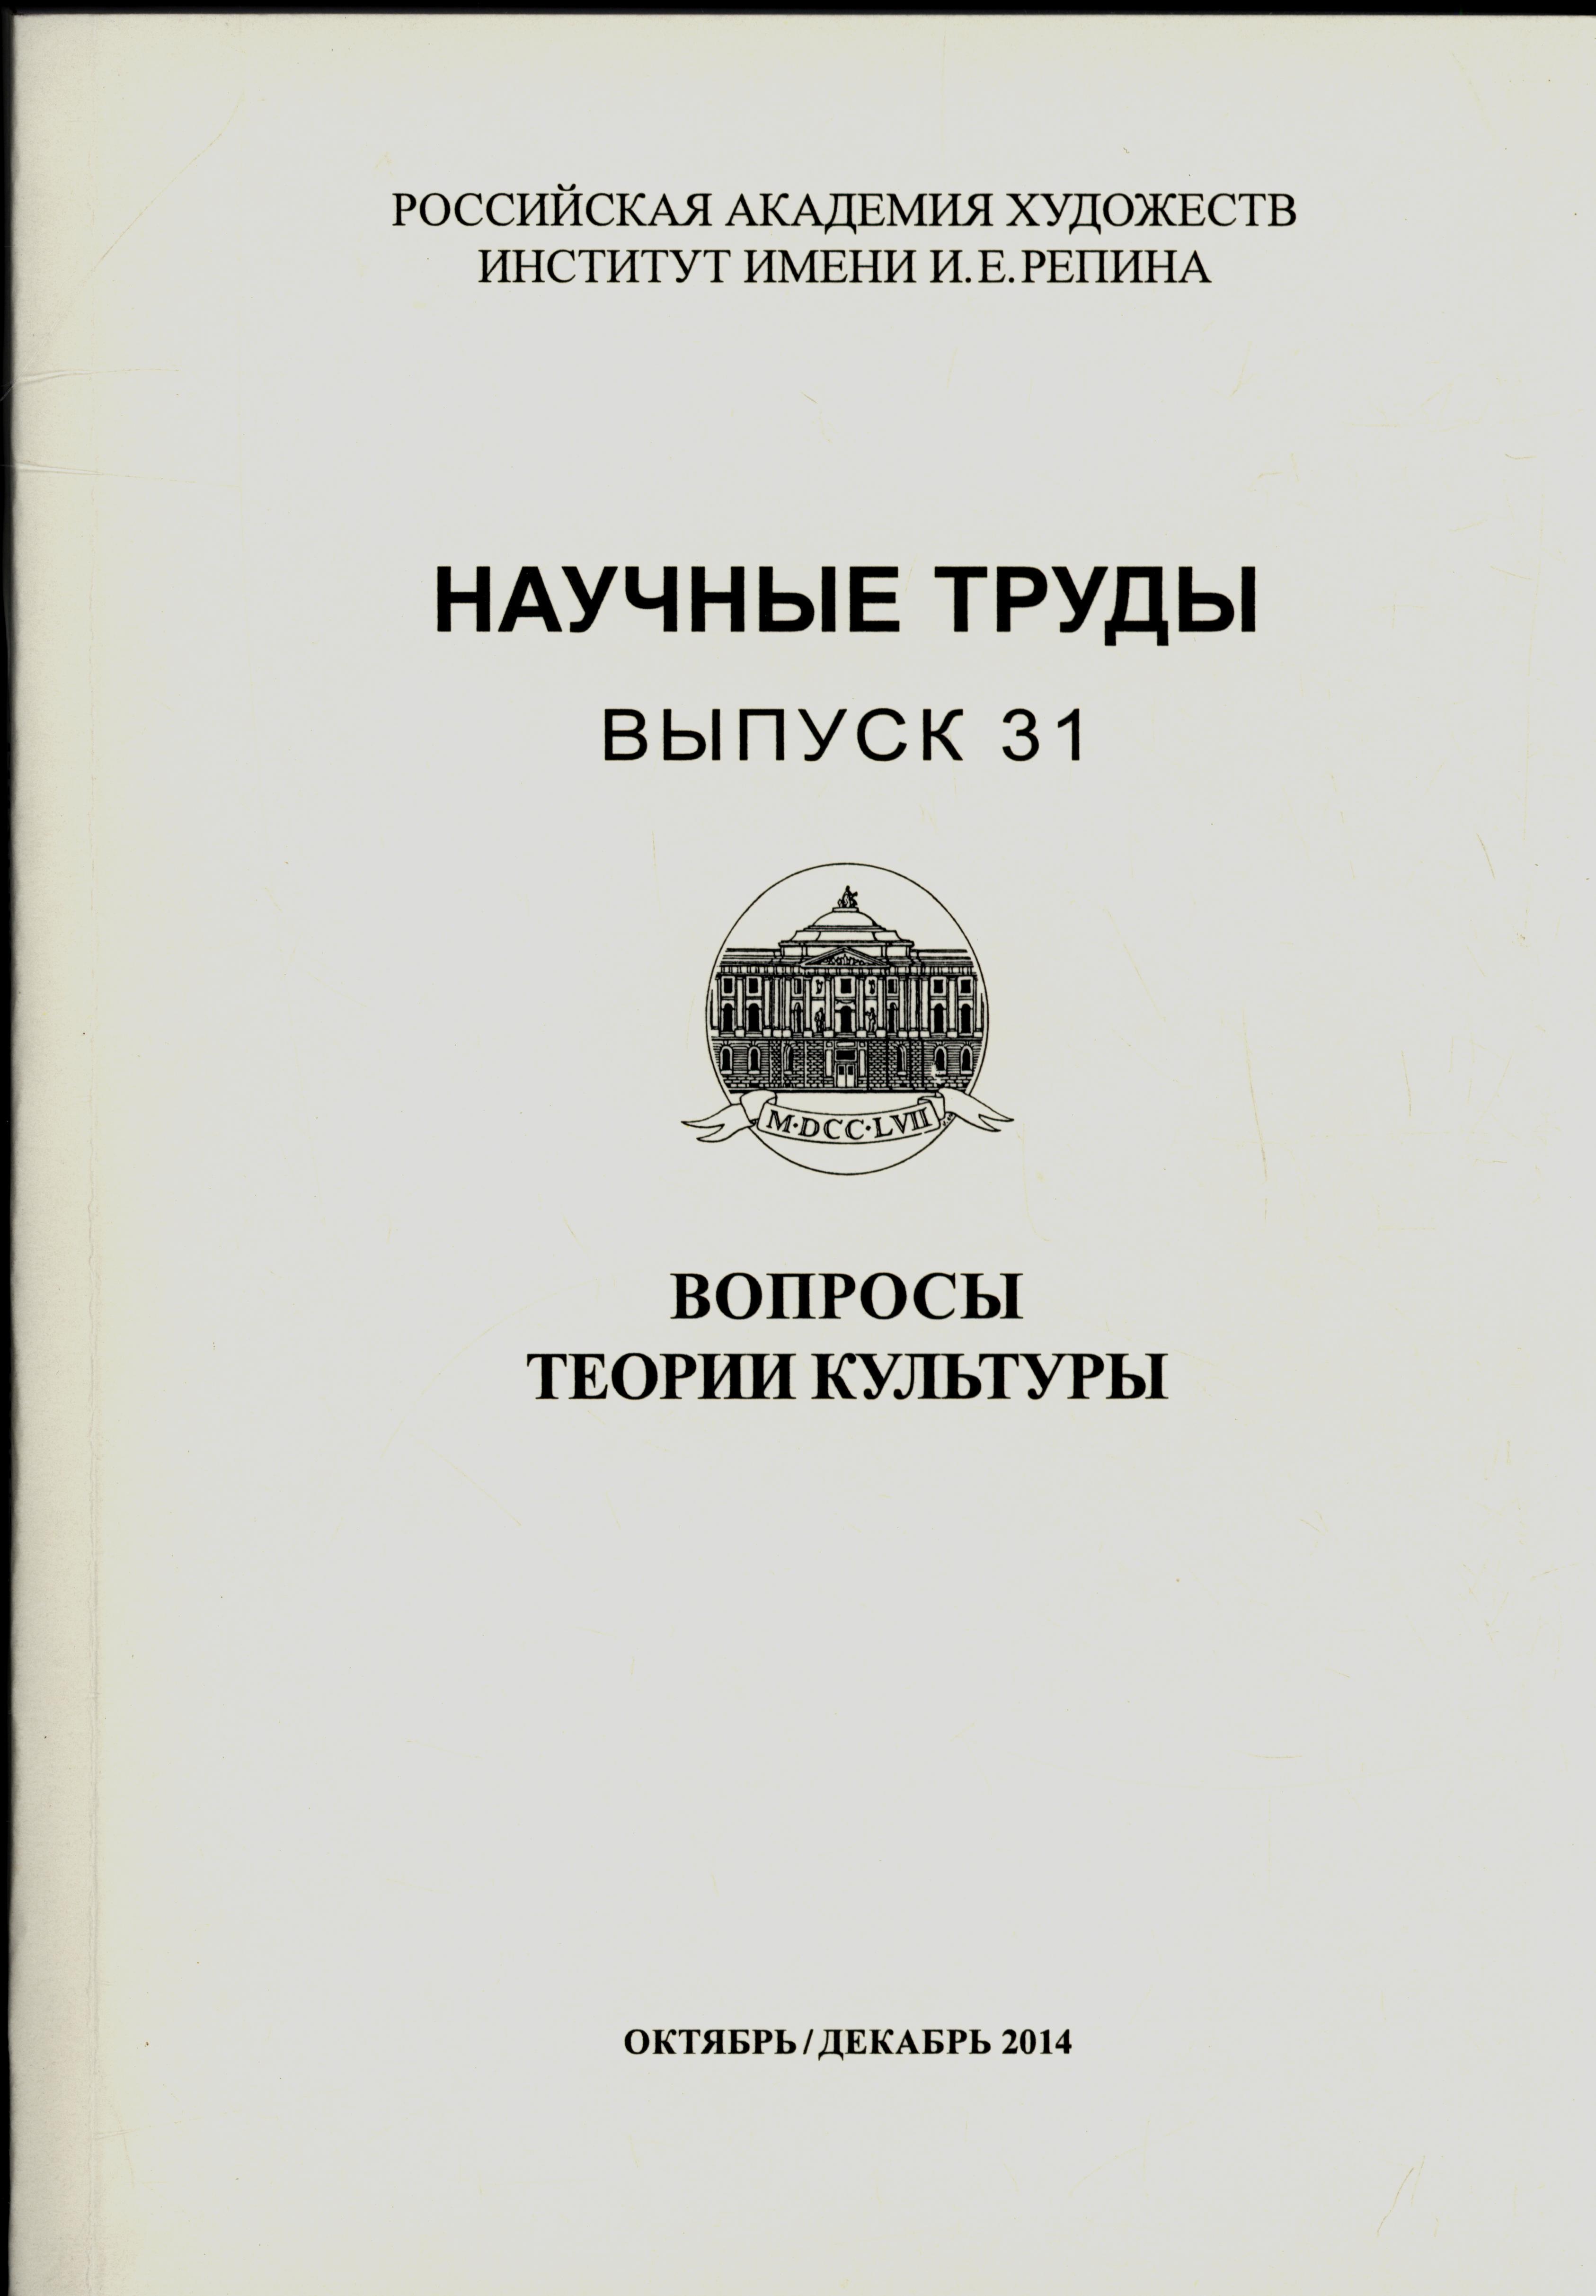 Российская Академия художеств. Научные труды